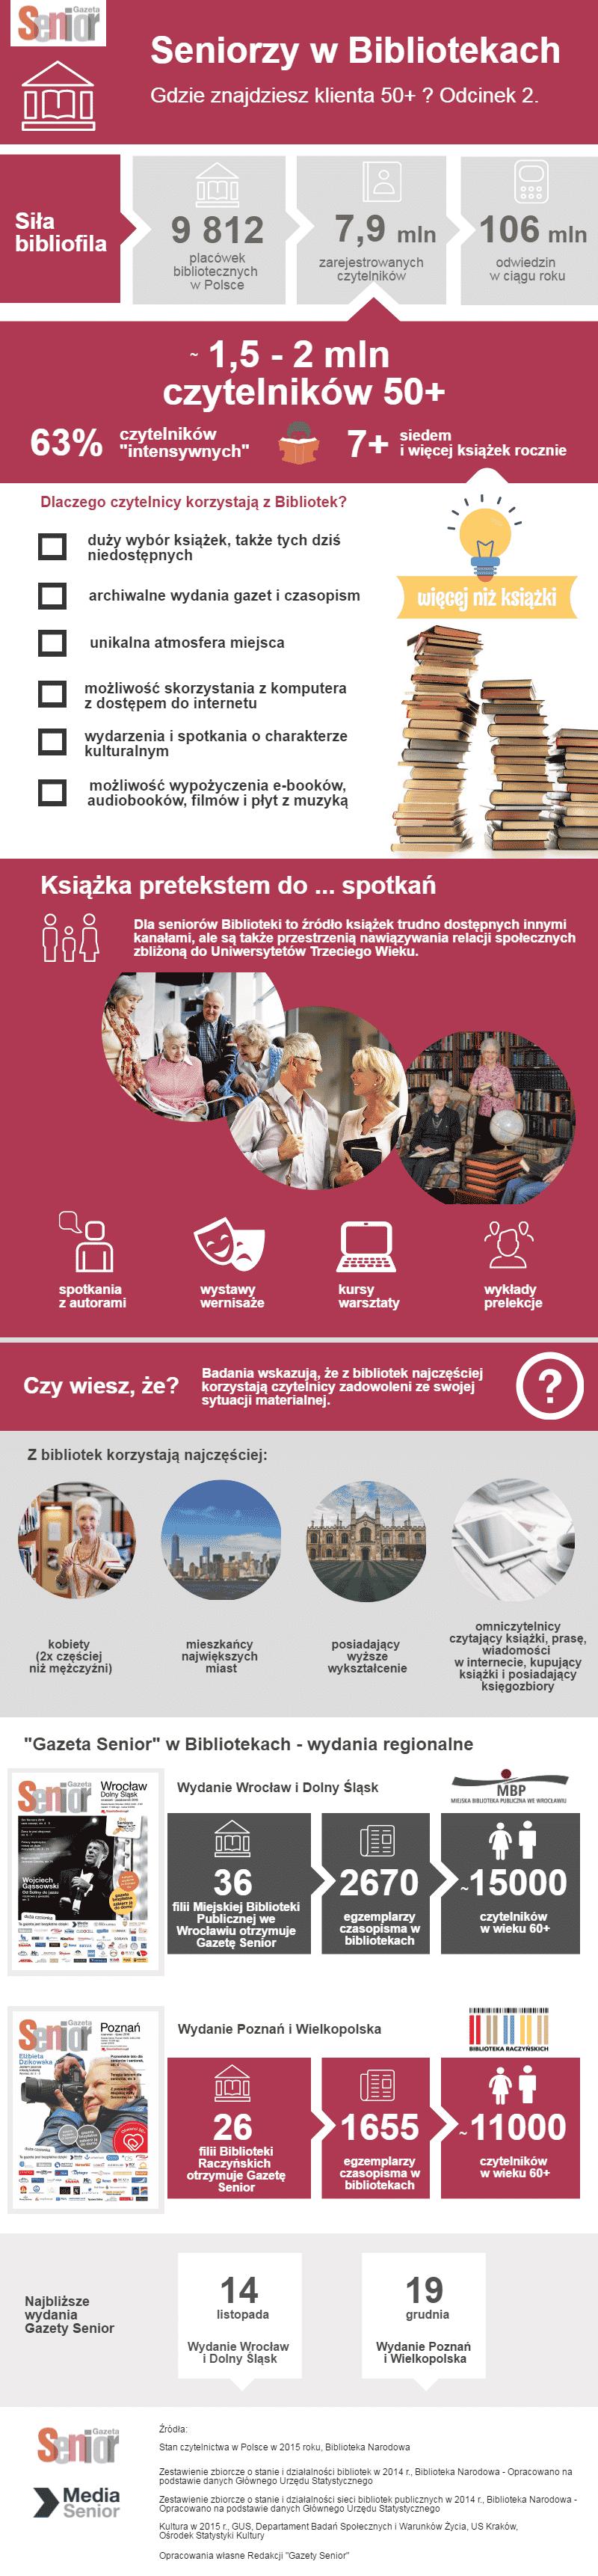 Seniorzy w Bibliotekach_Infografika Gazety Senior